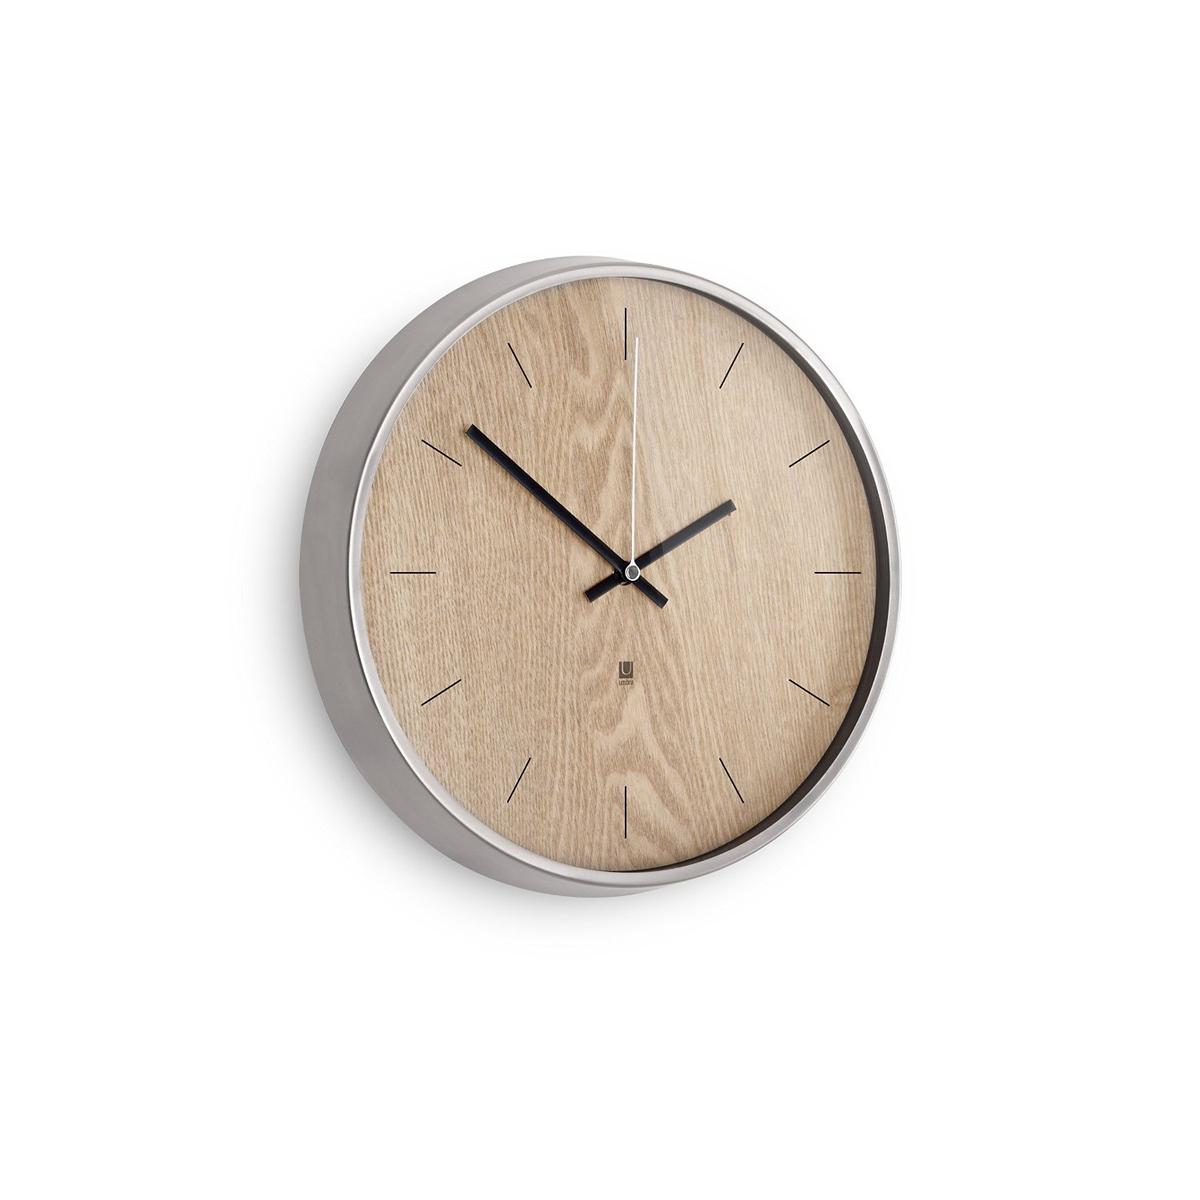 Настенные часы Umbra Madera, цвет: бежевый, 32 x 32 x 4 см